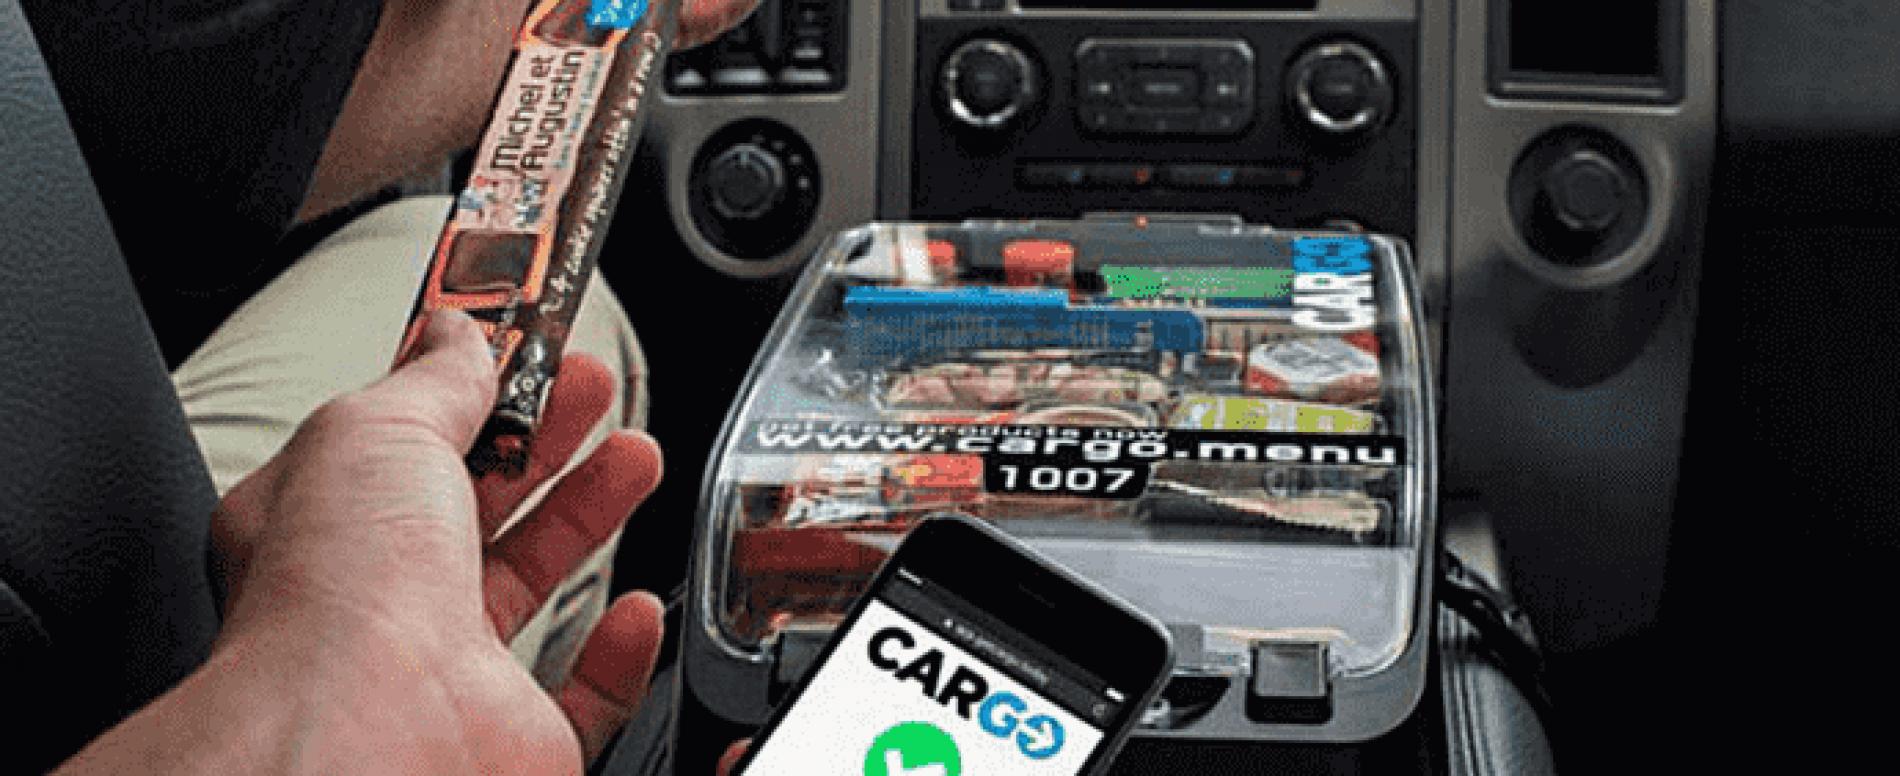 USA. Per gli autisti UBER incassi extra dal Vending